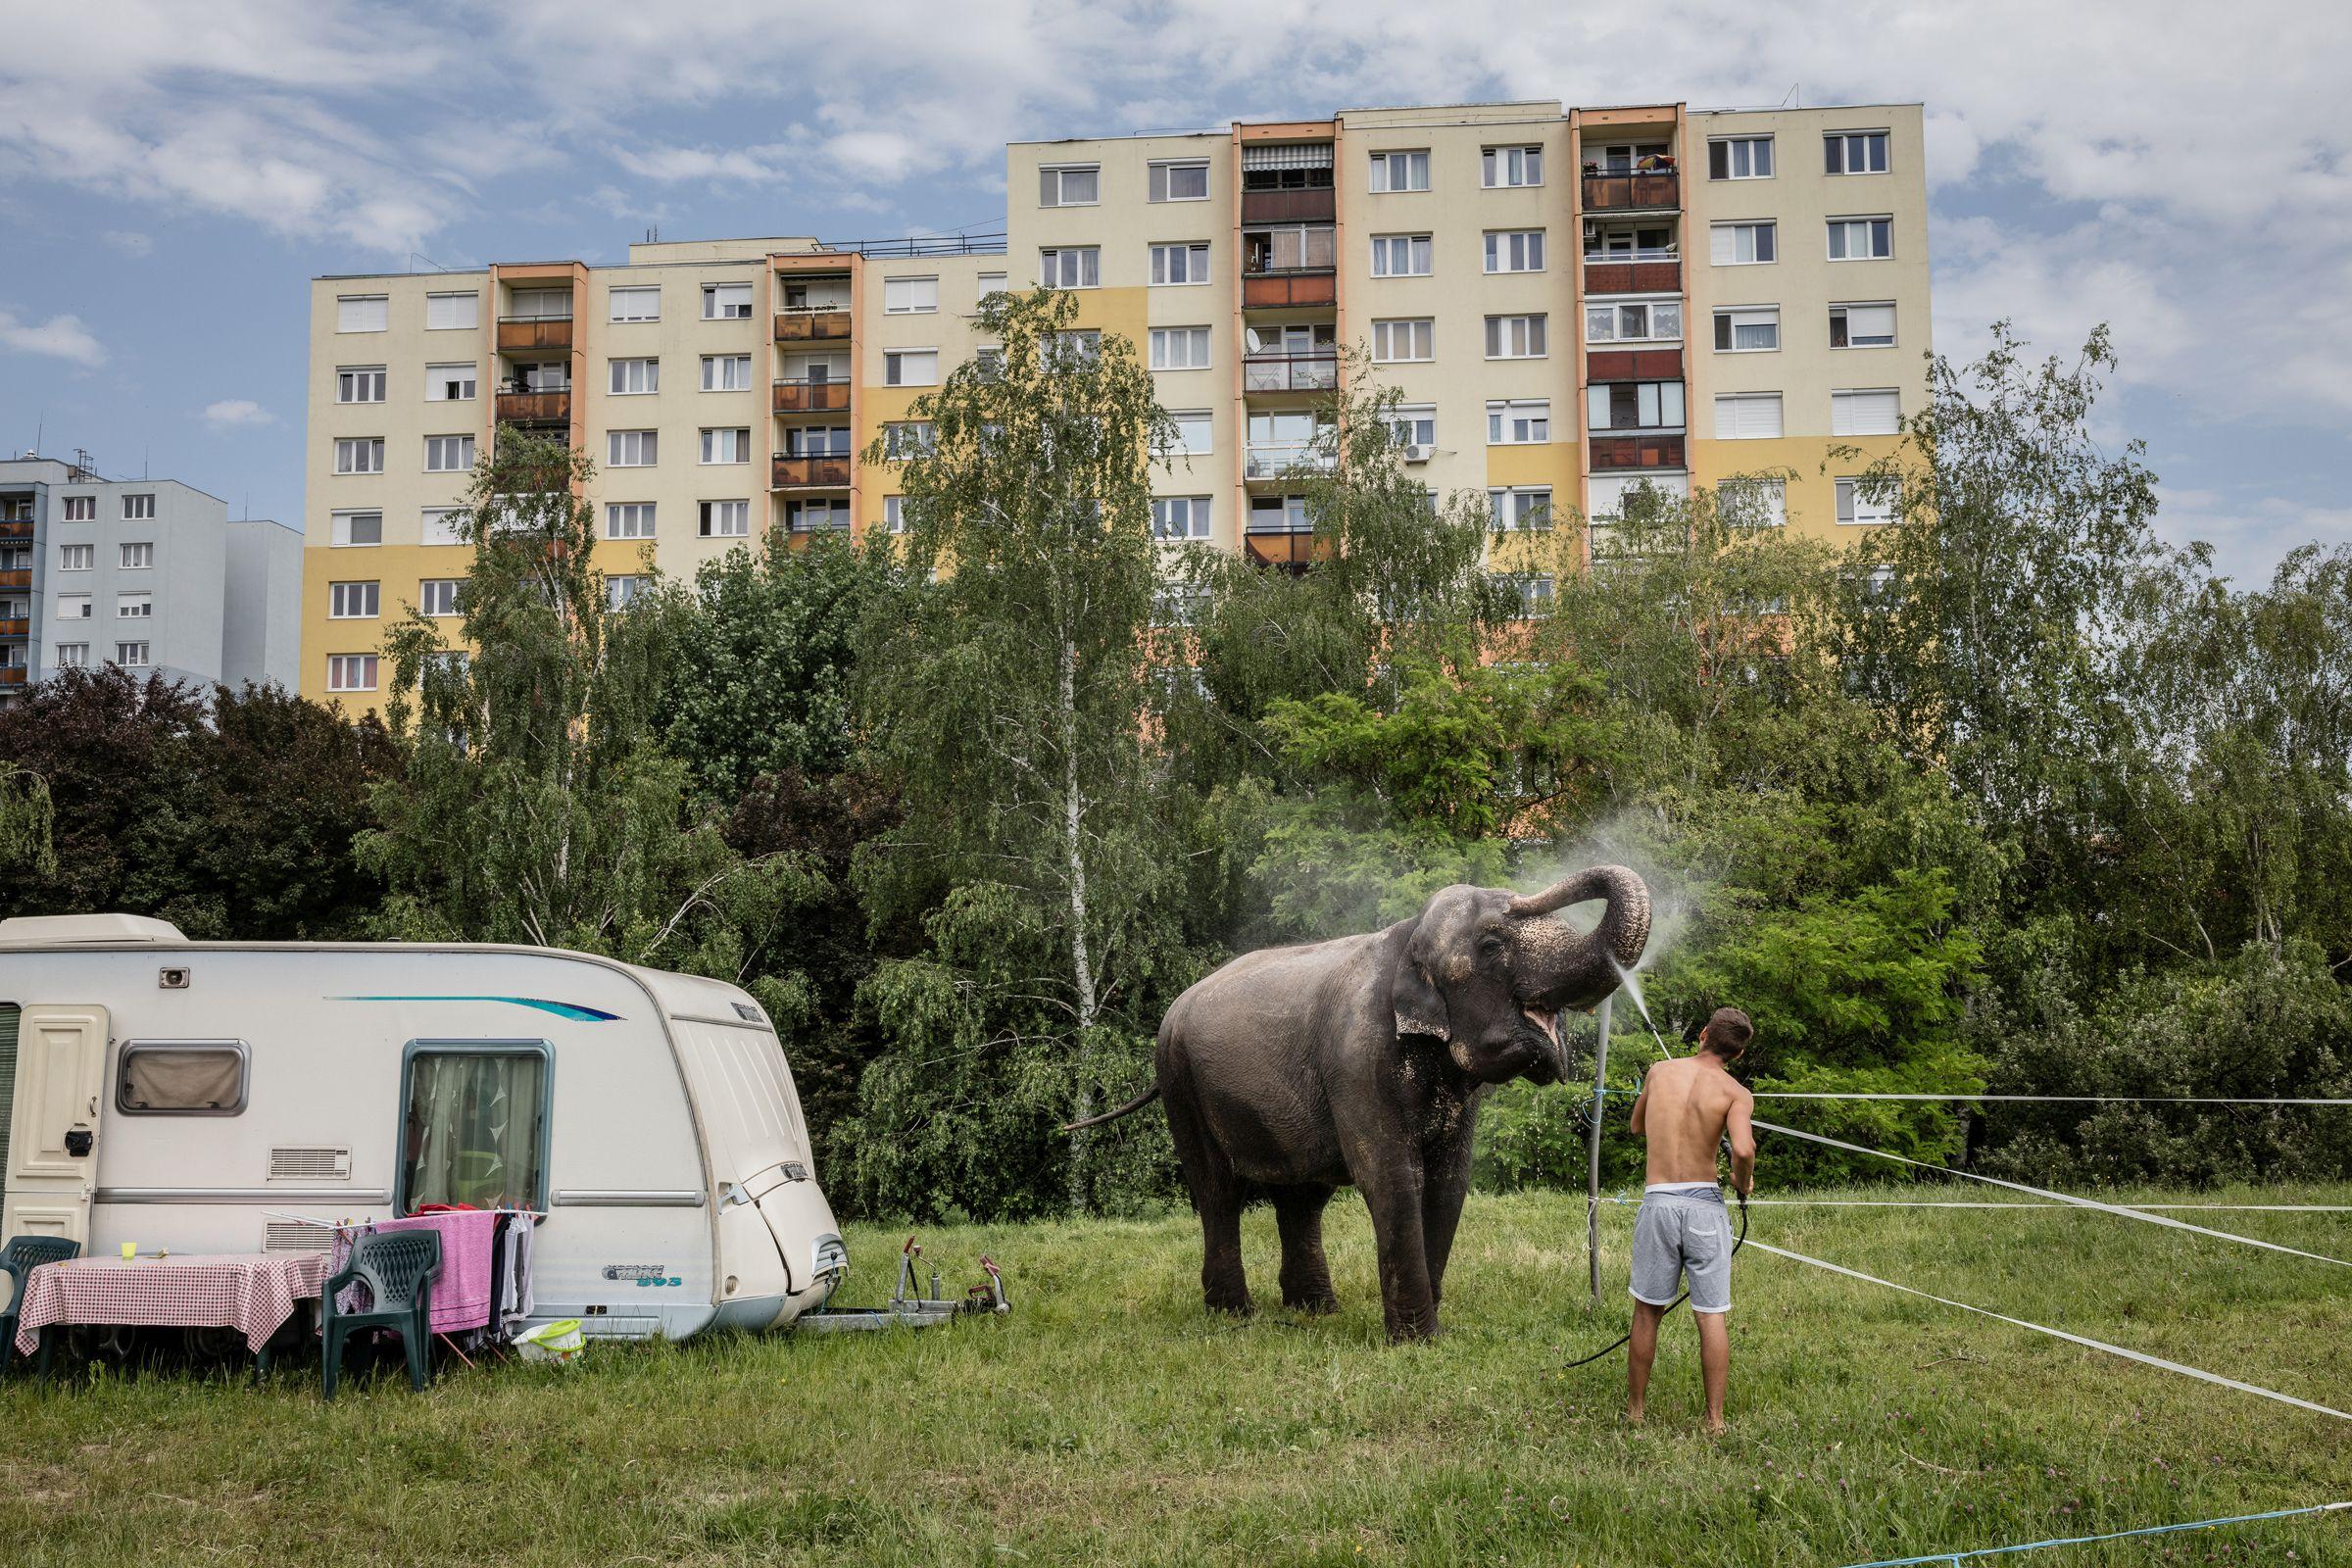 Művészet – műalkotás vagy művészeti tevékenység ábrázolása, fotóriporteri eszközökkel (egyedi) <br /><br />1. díj: Kállai Márton (Szabad Föld): Elefántfürdő<br />